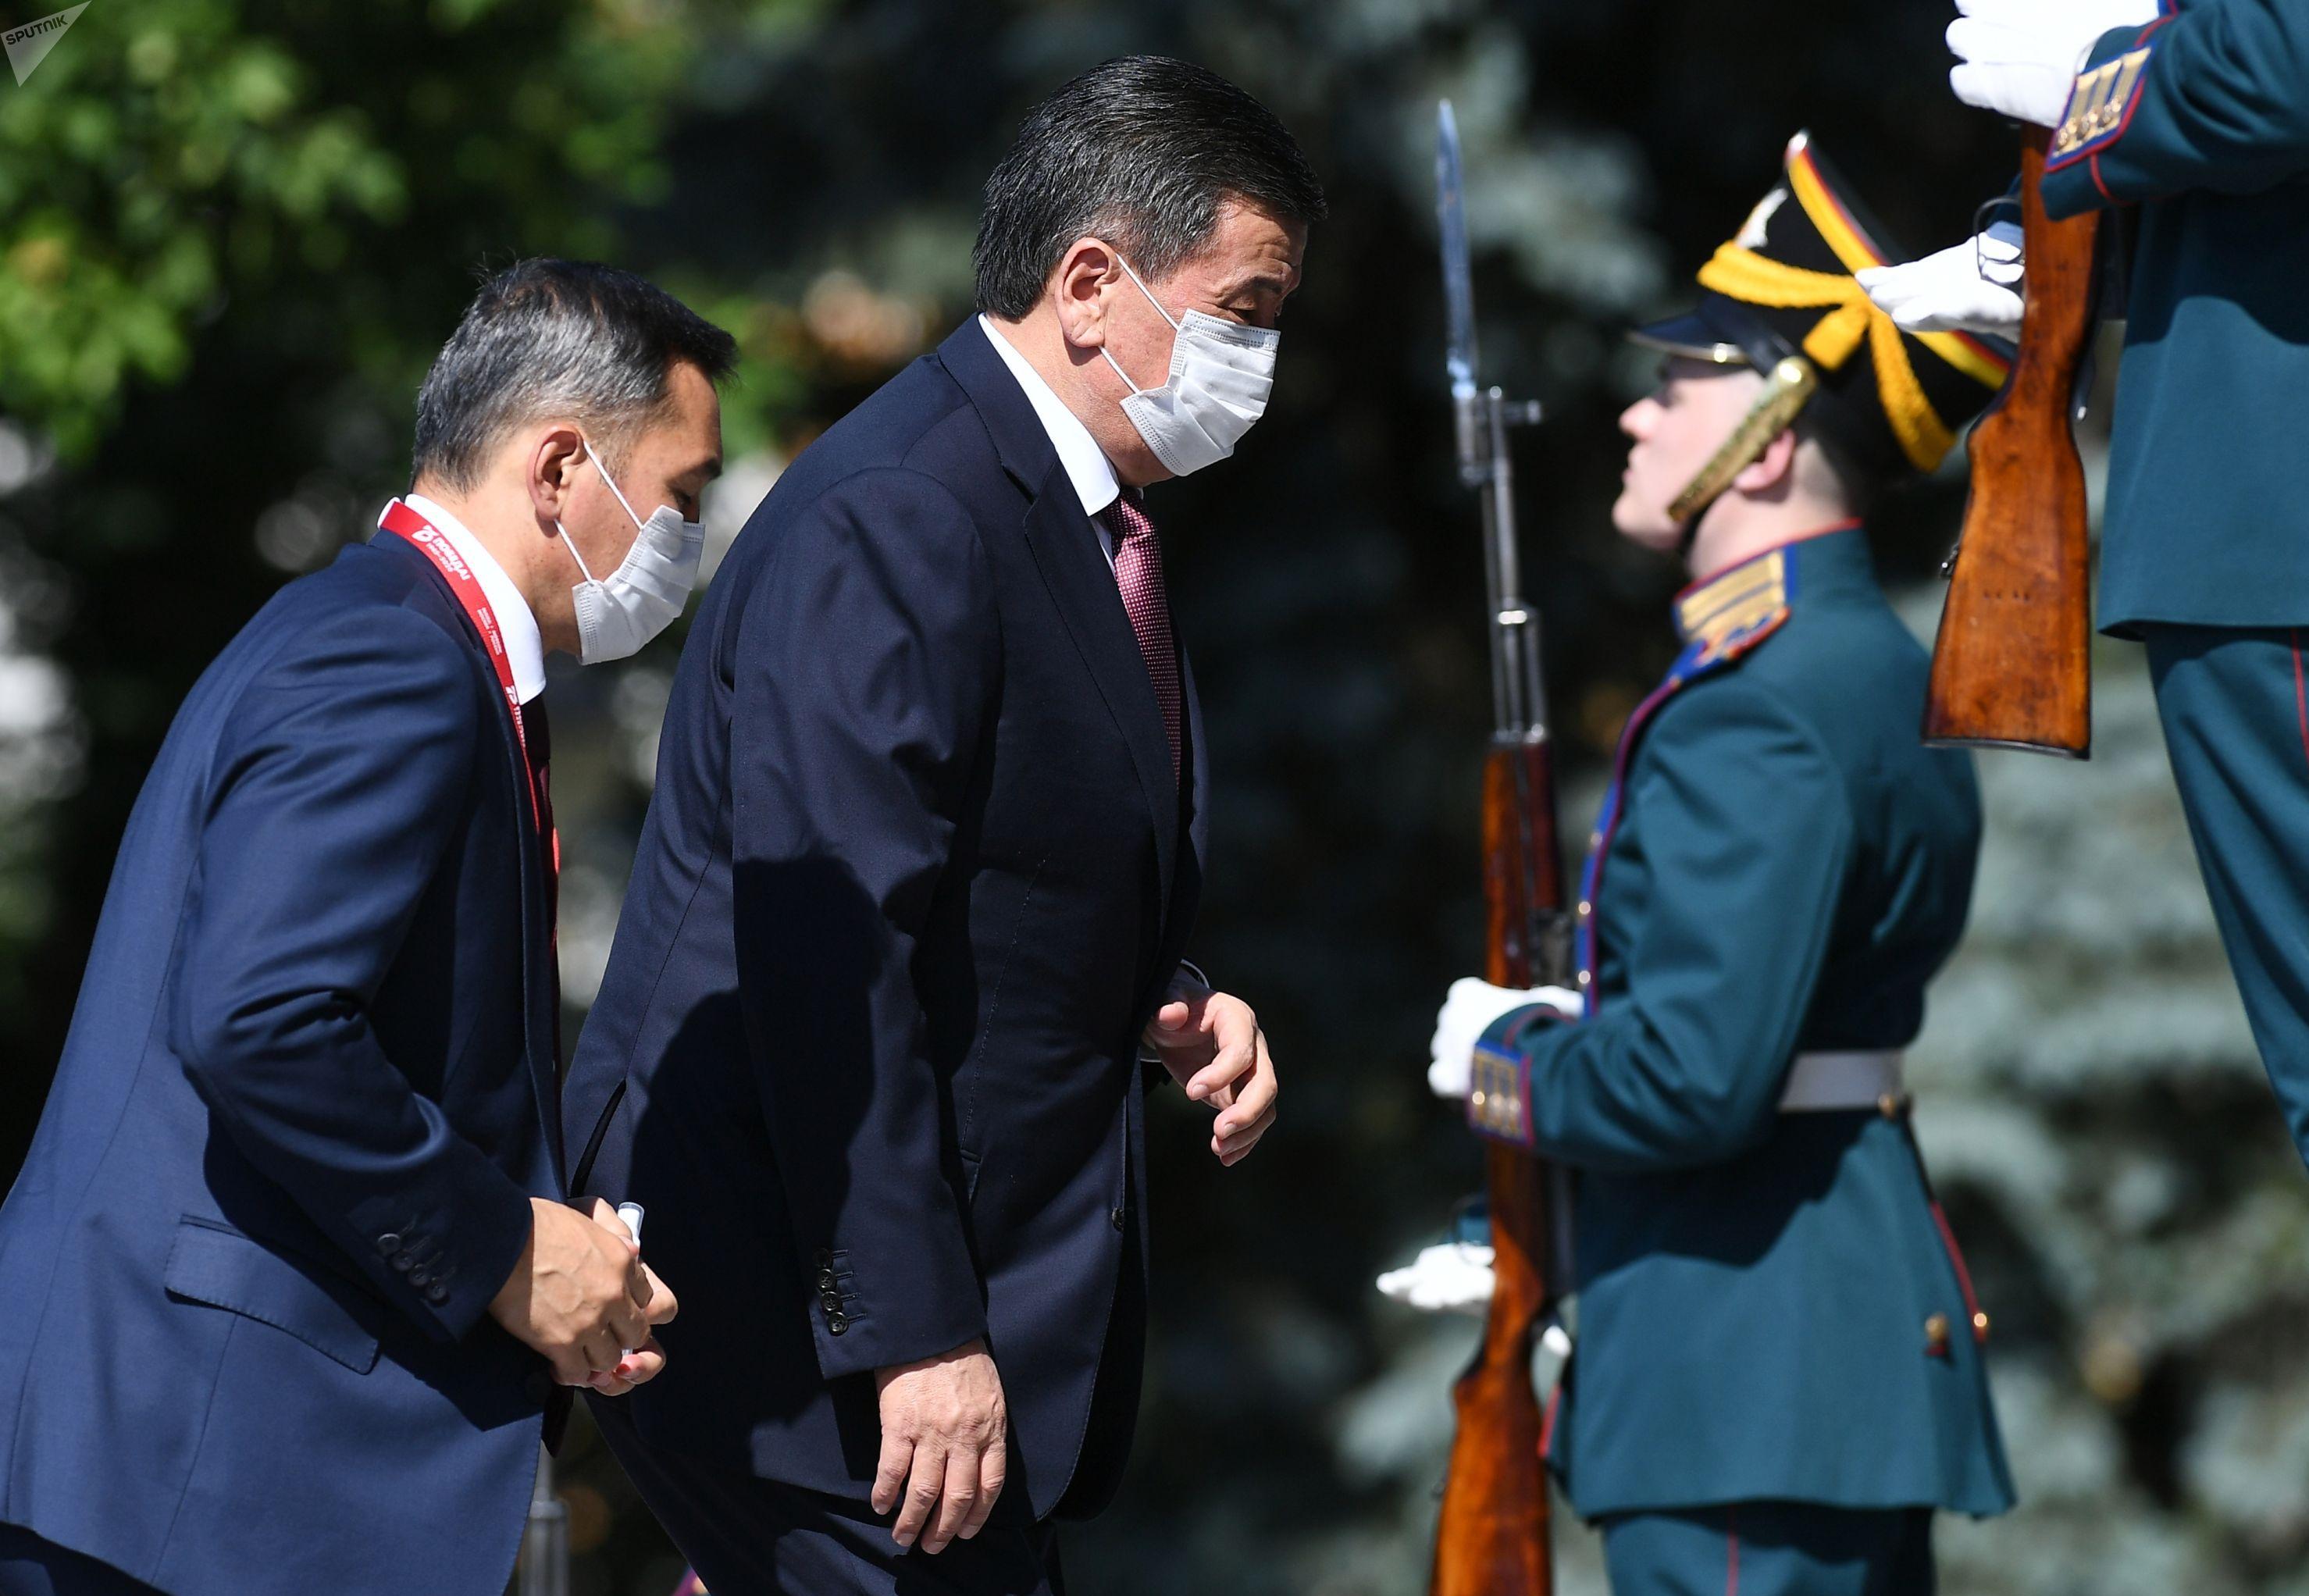 Президент Киргизии Сооронбай Жээнбеков прибыл в Московский Кремль перед началом военного парада в ознаменование 75-летия Победы в Великой Отечественной войне 1941-1945 годов.